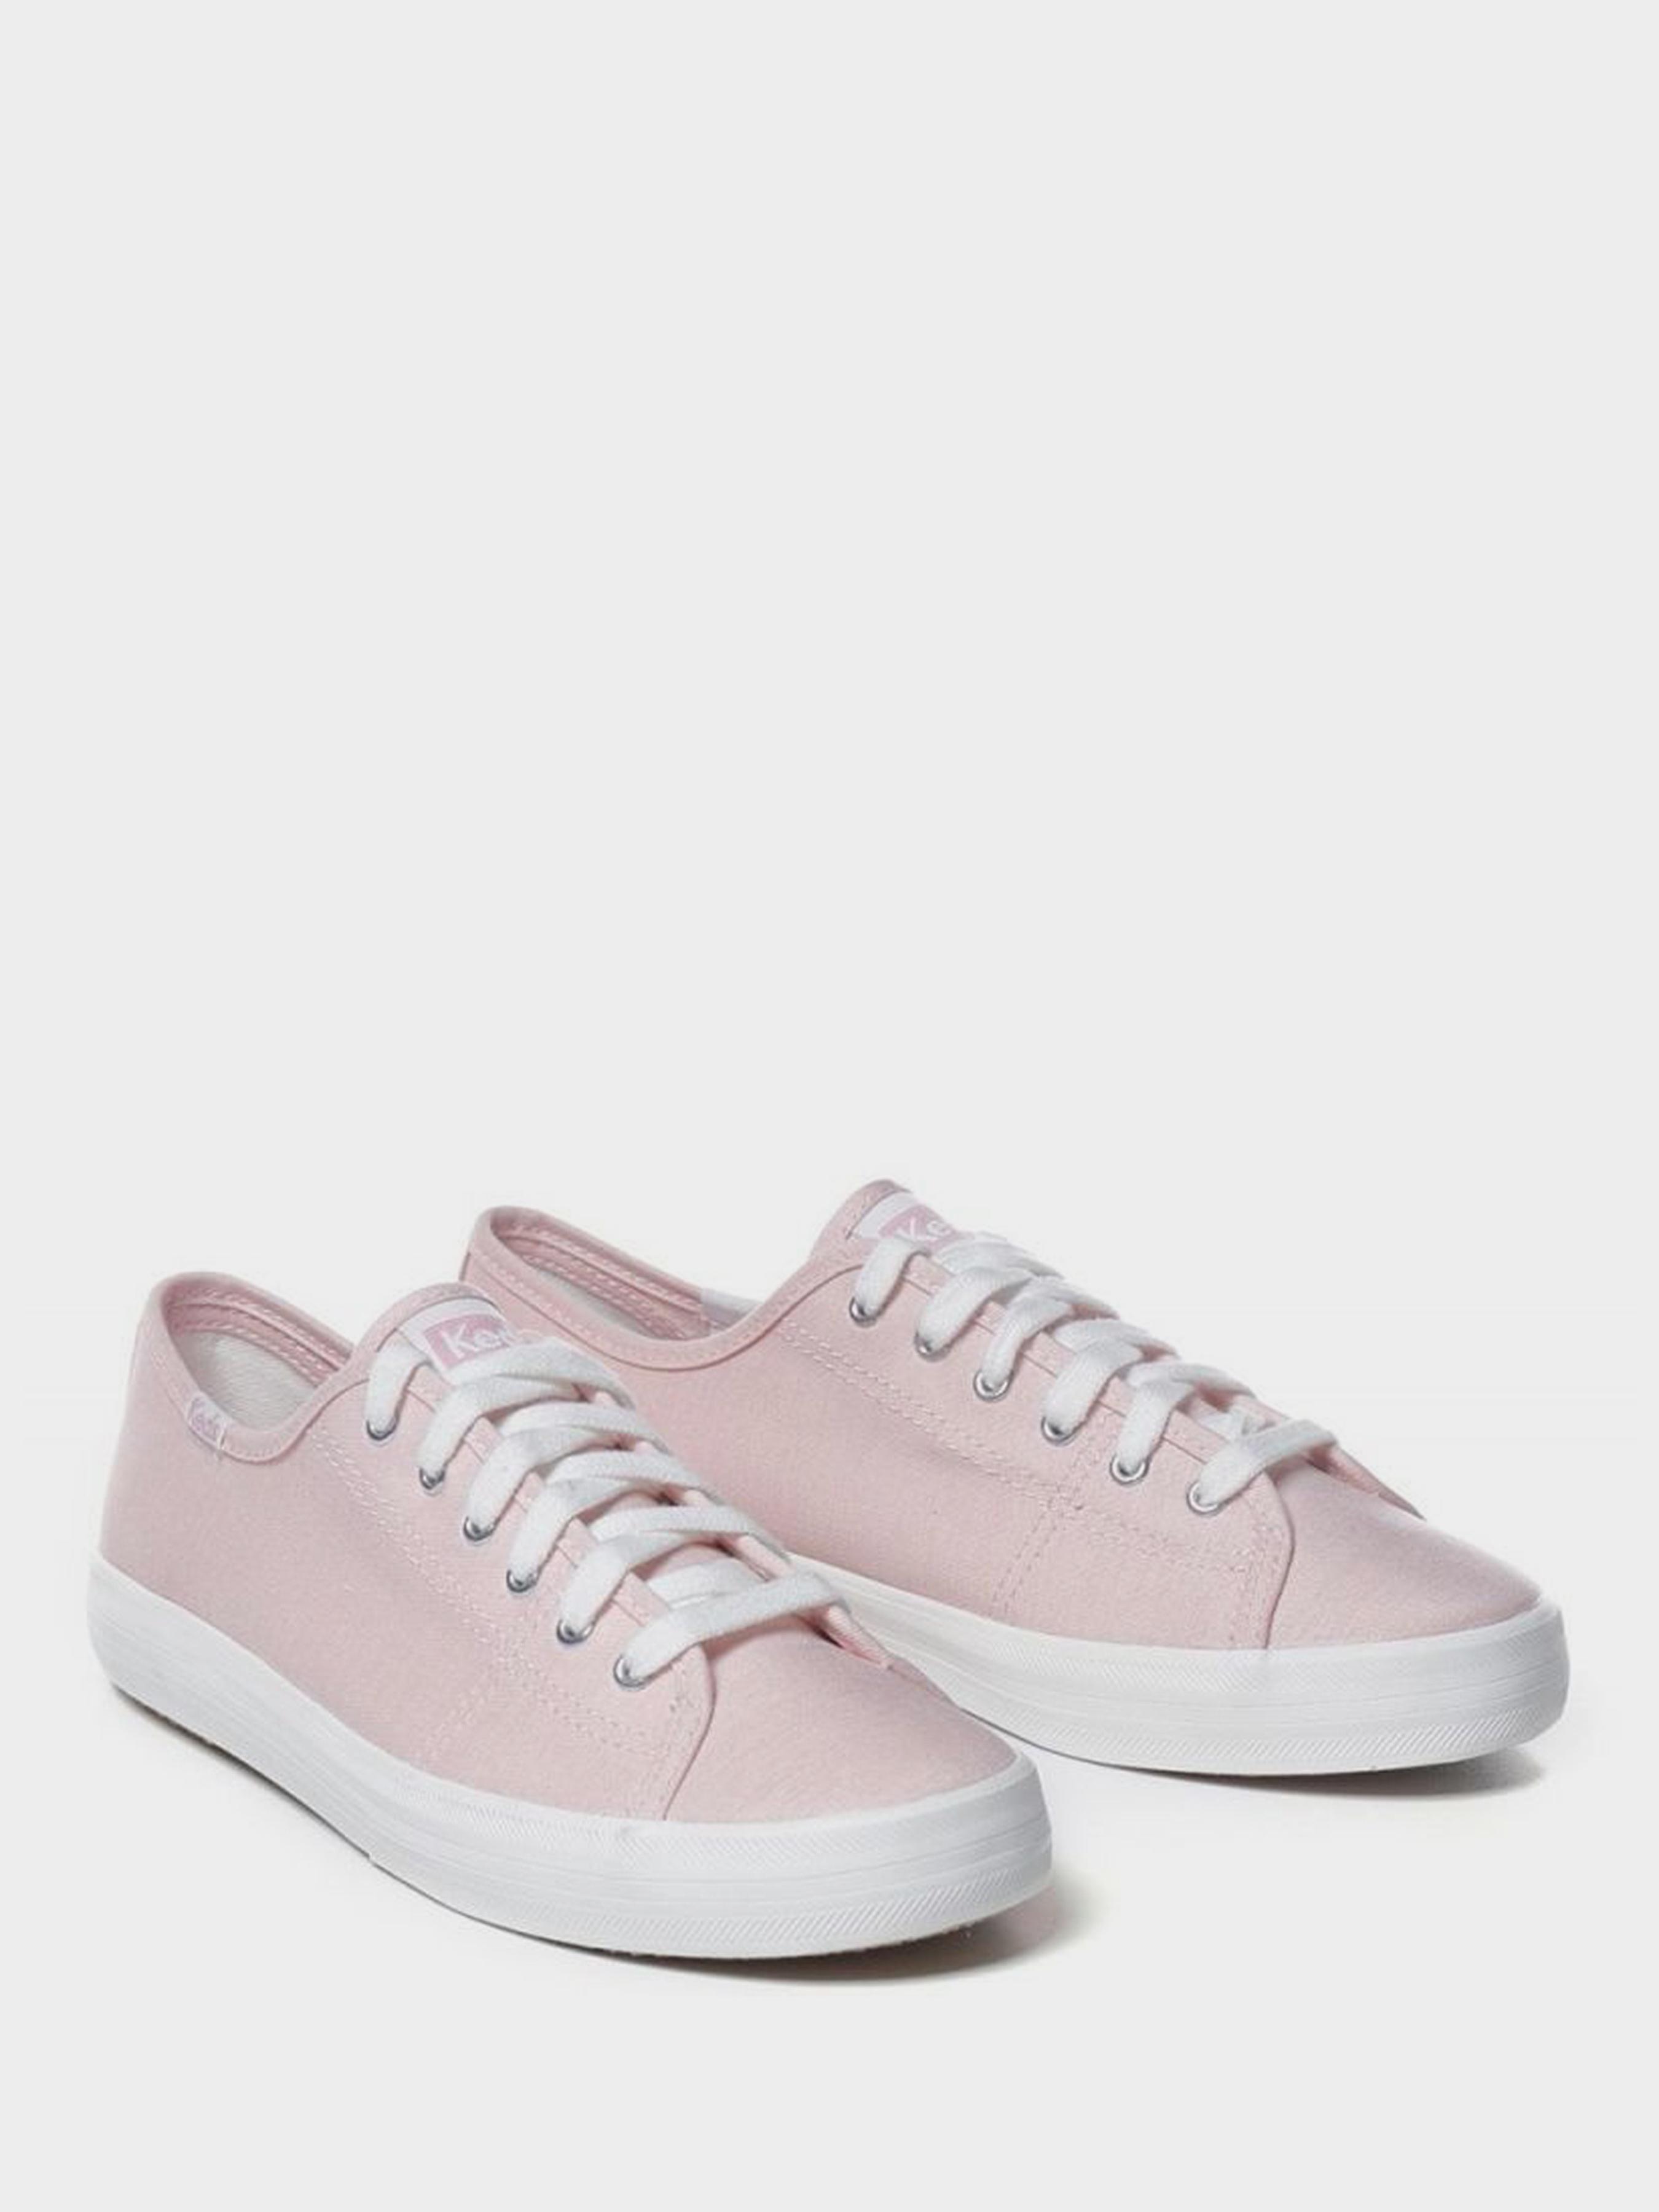 Кеды для женщин KEDS TRIPLE PAINTED CROCHET KD322 цена обуви, 2017